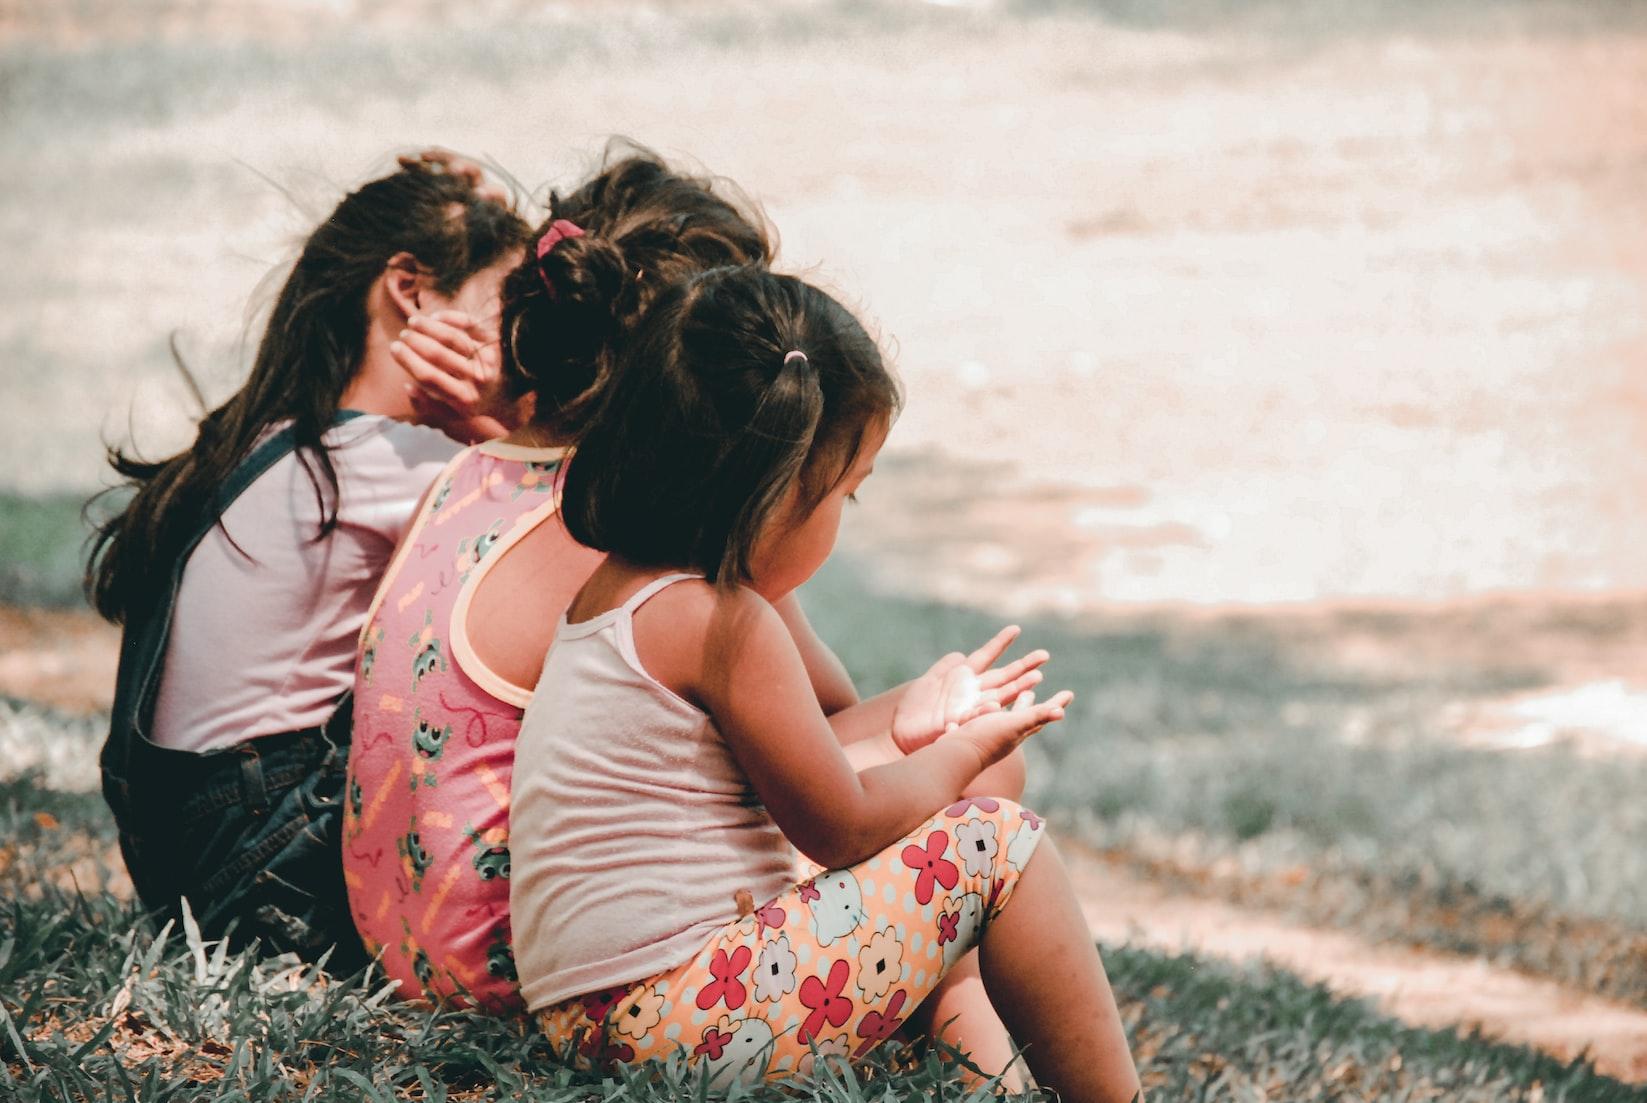 如何幫助孩子脫離網路成癮問題?(上)- 失落戀花園 邱淳孝 諮商心理師